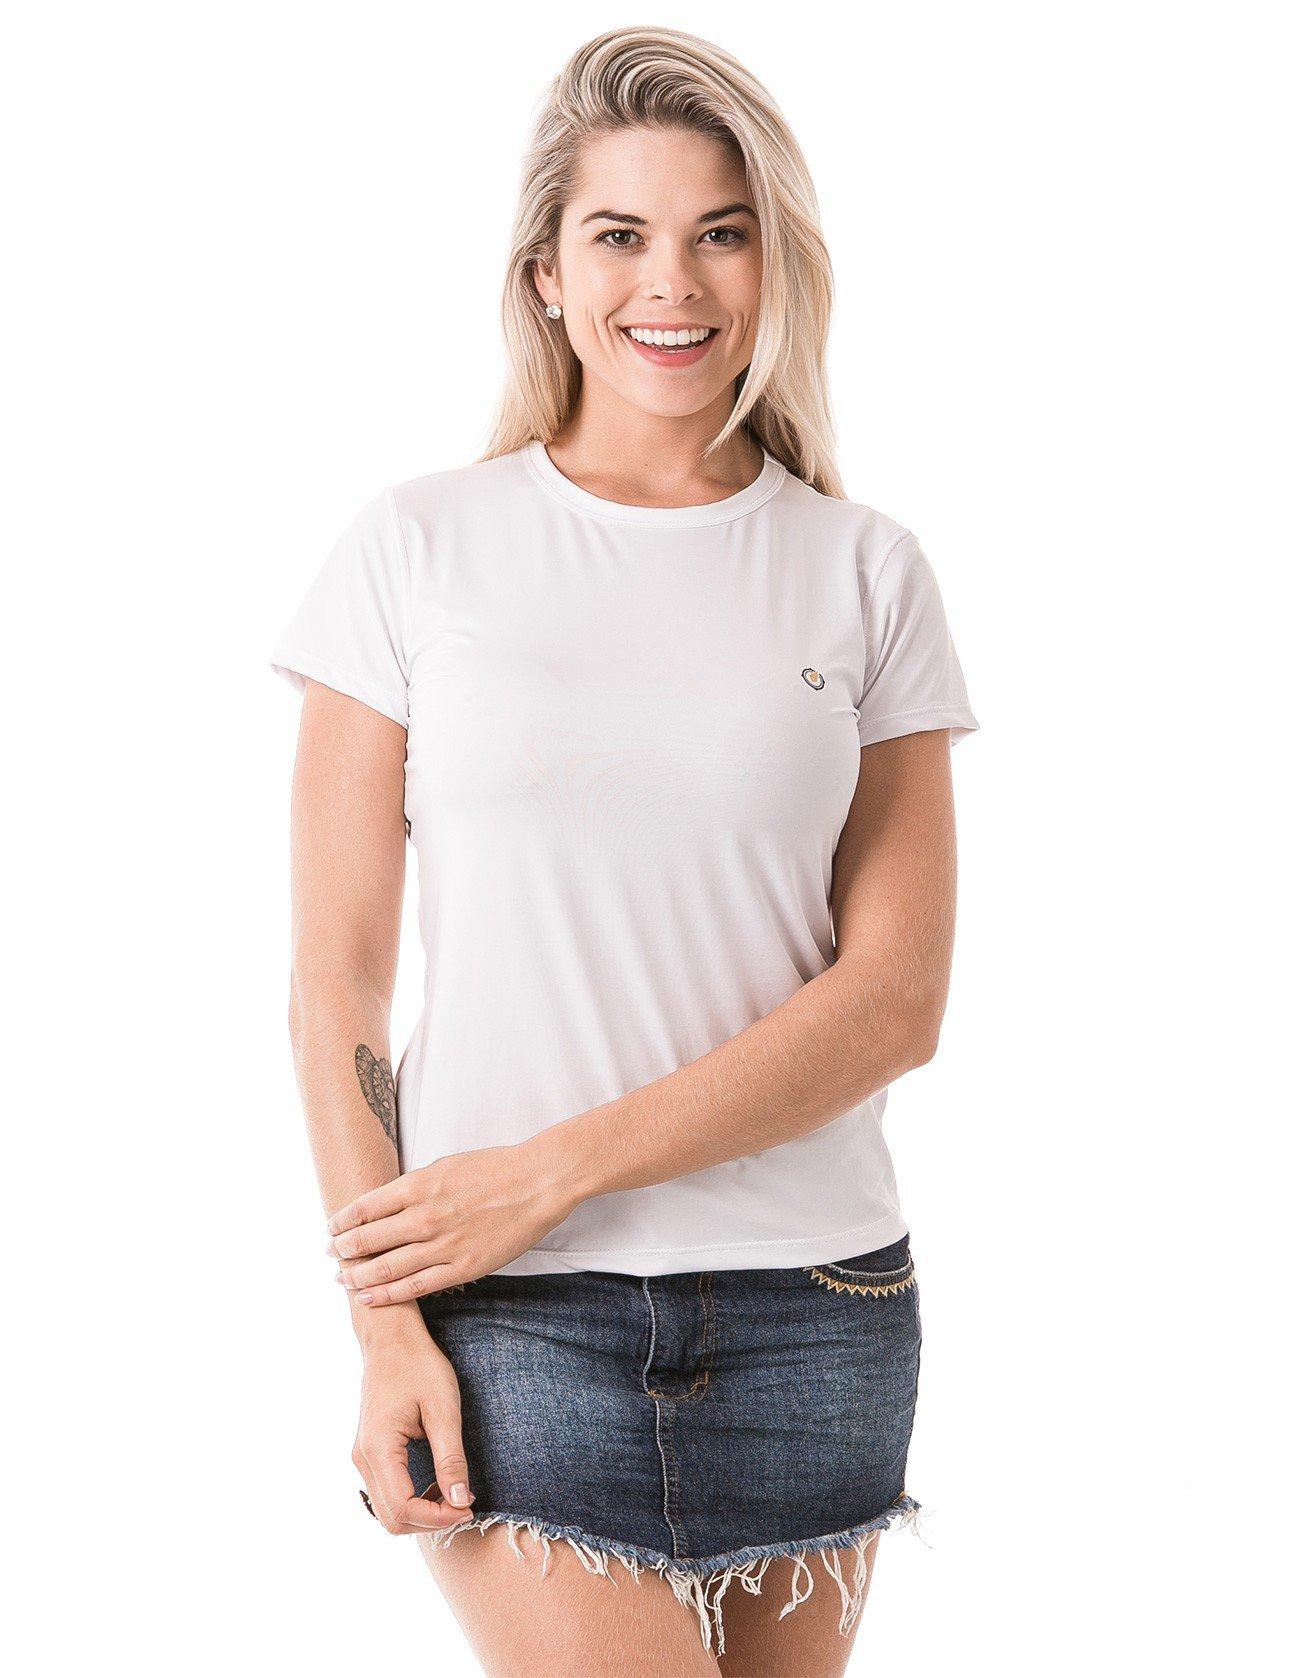 feminia t shirt curta ice branca frente b